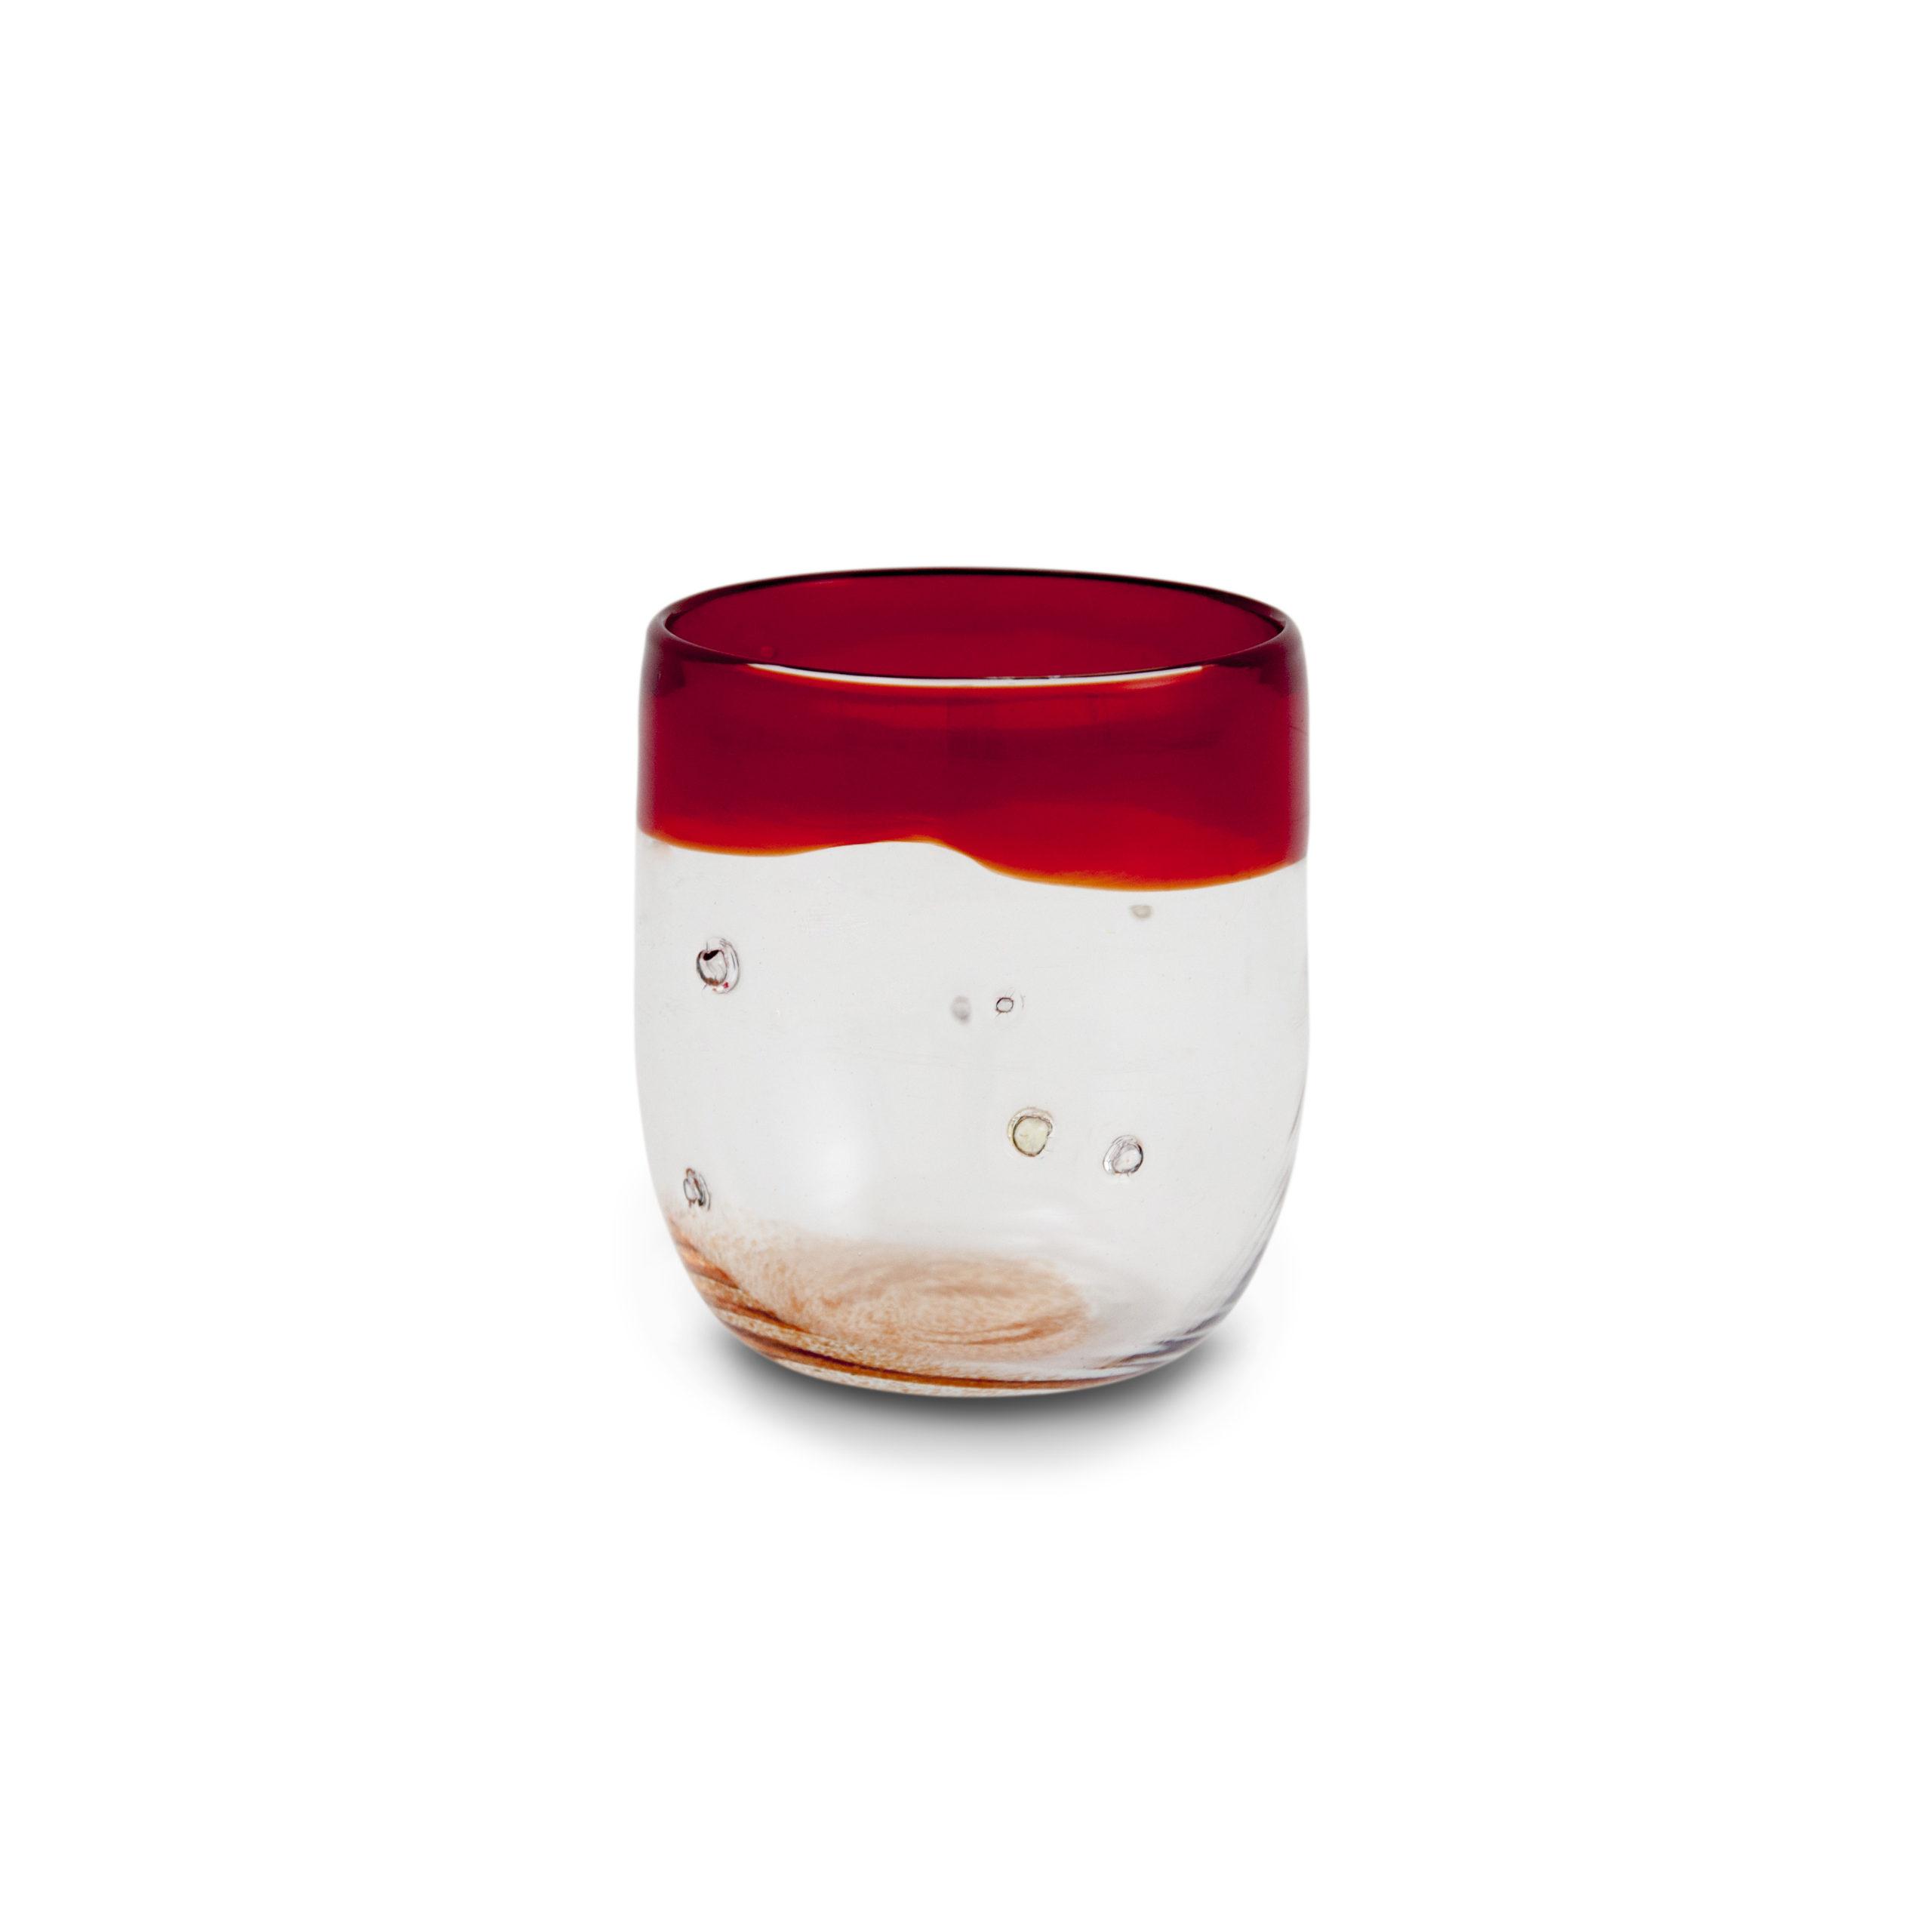 Bicchiere in vetro soffiato rosso con pepite d'argento